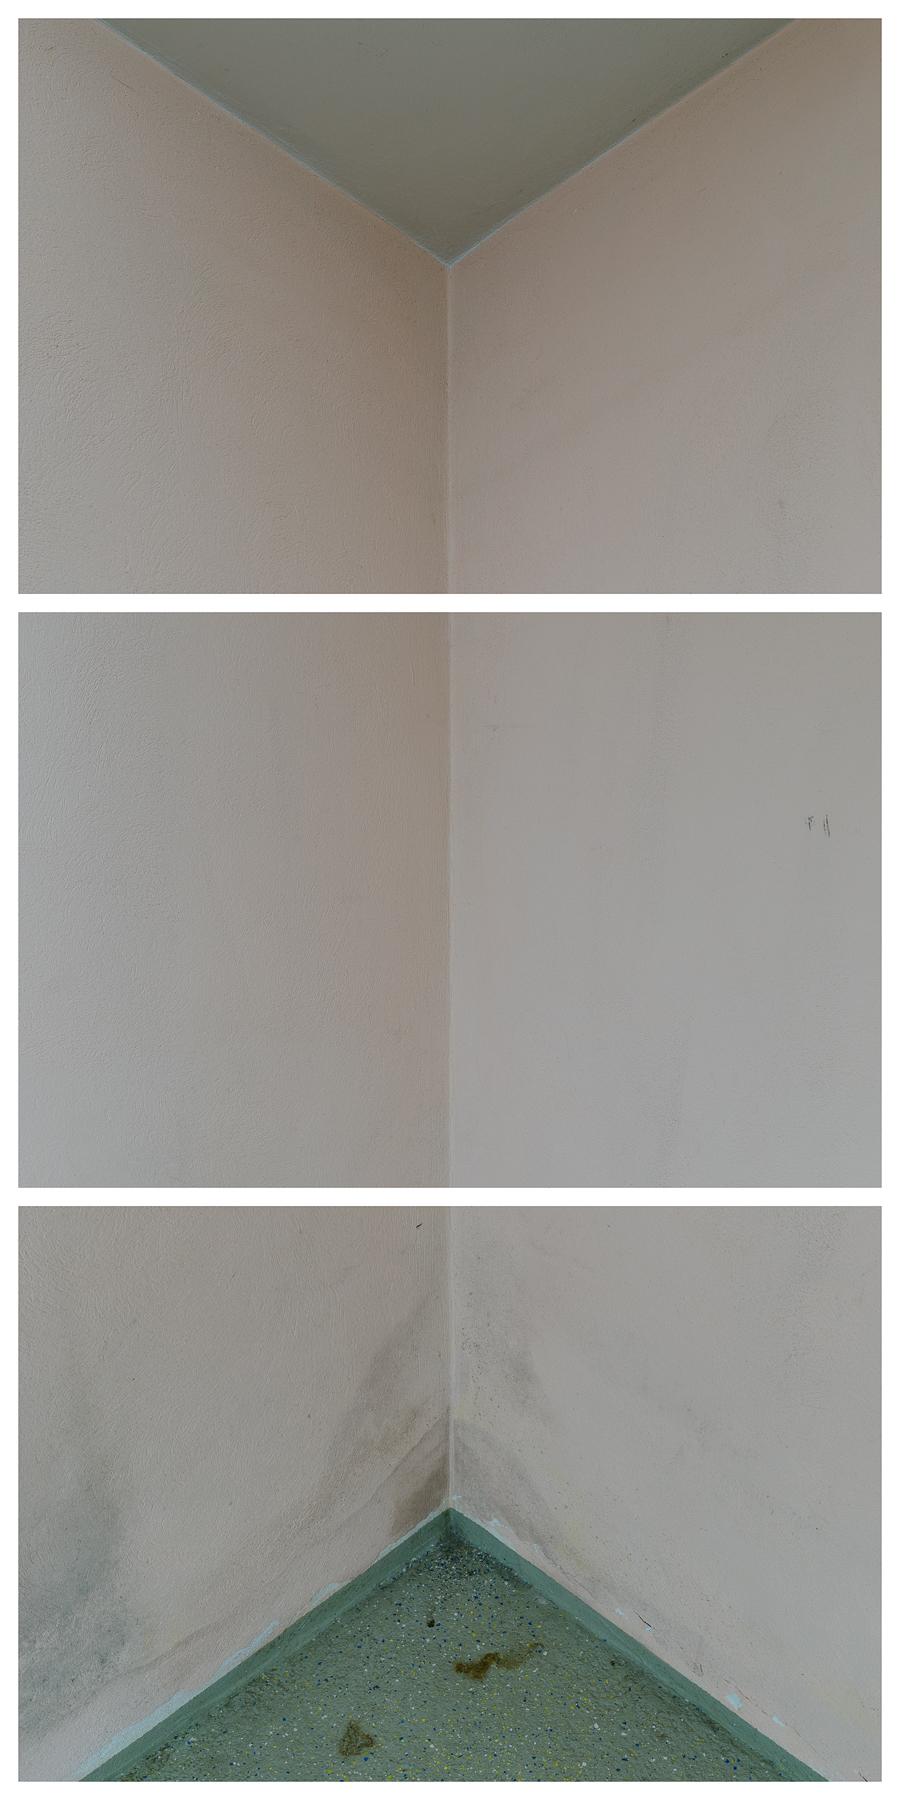 Raumecke, 2016 Inkjet-Pigmentdruck 3-teilig zu je 121,5 × 81 cm